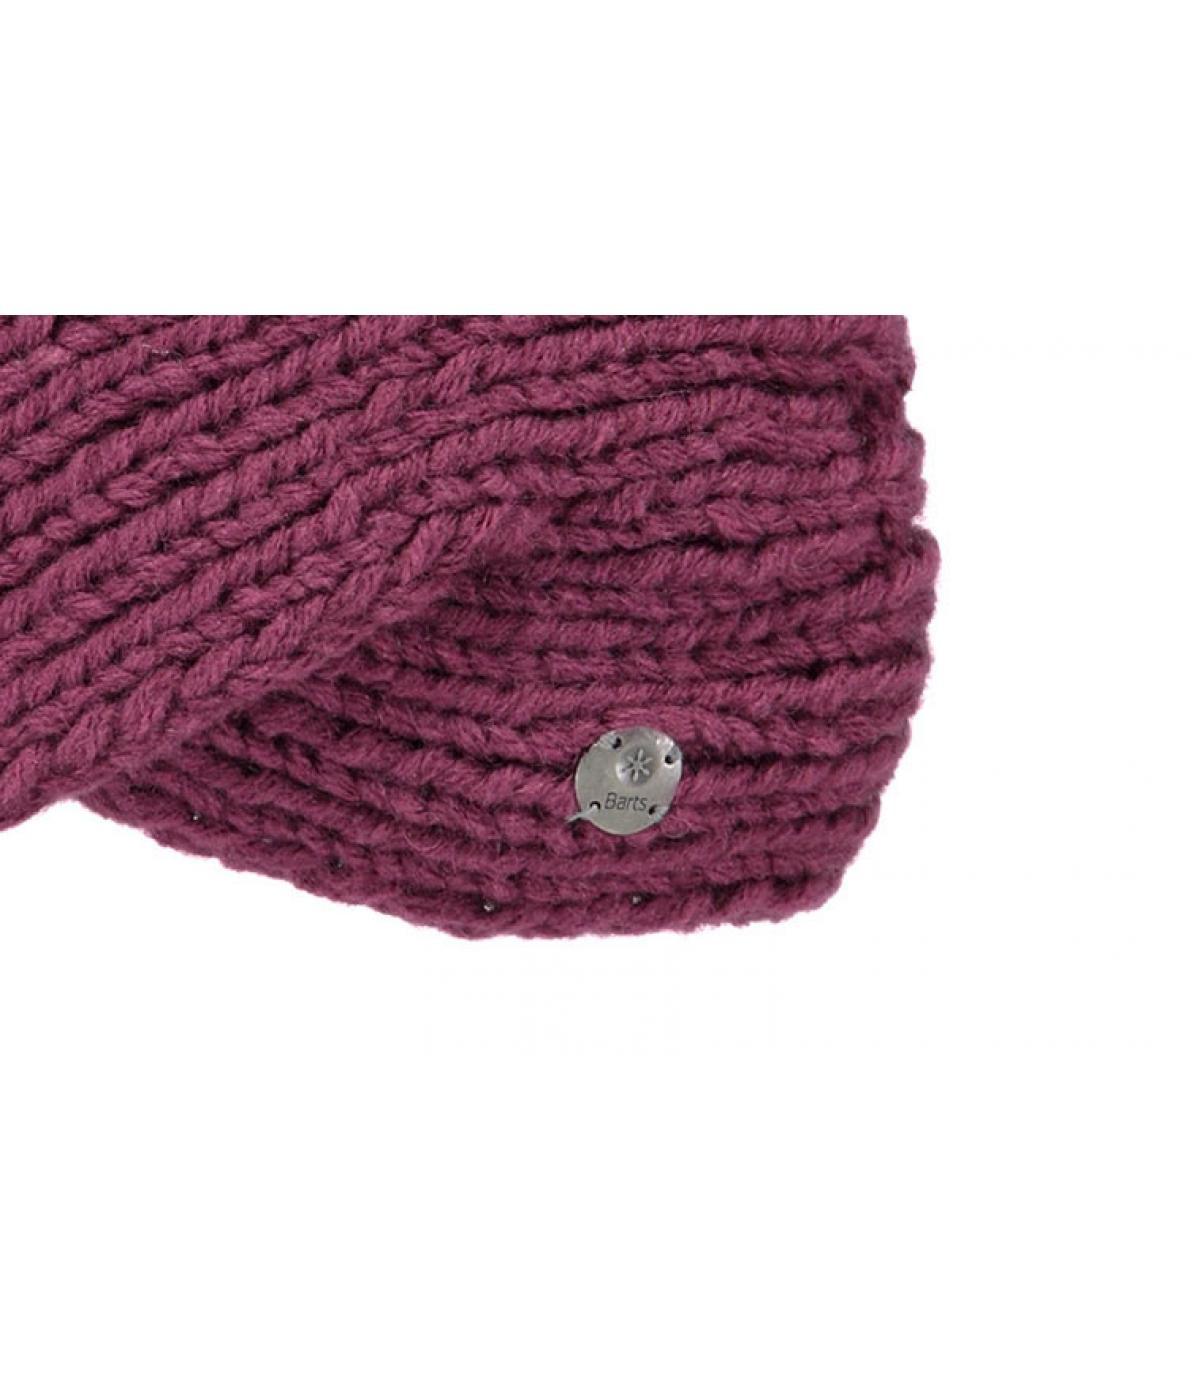 Détails Yogi headband maroon - image 3